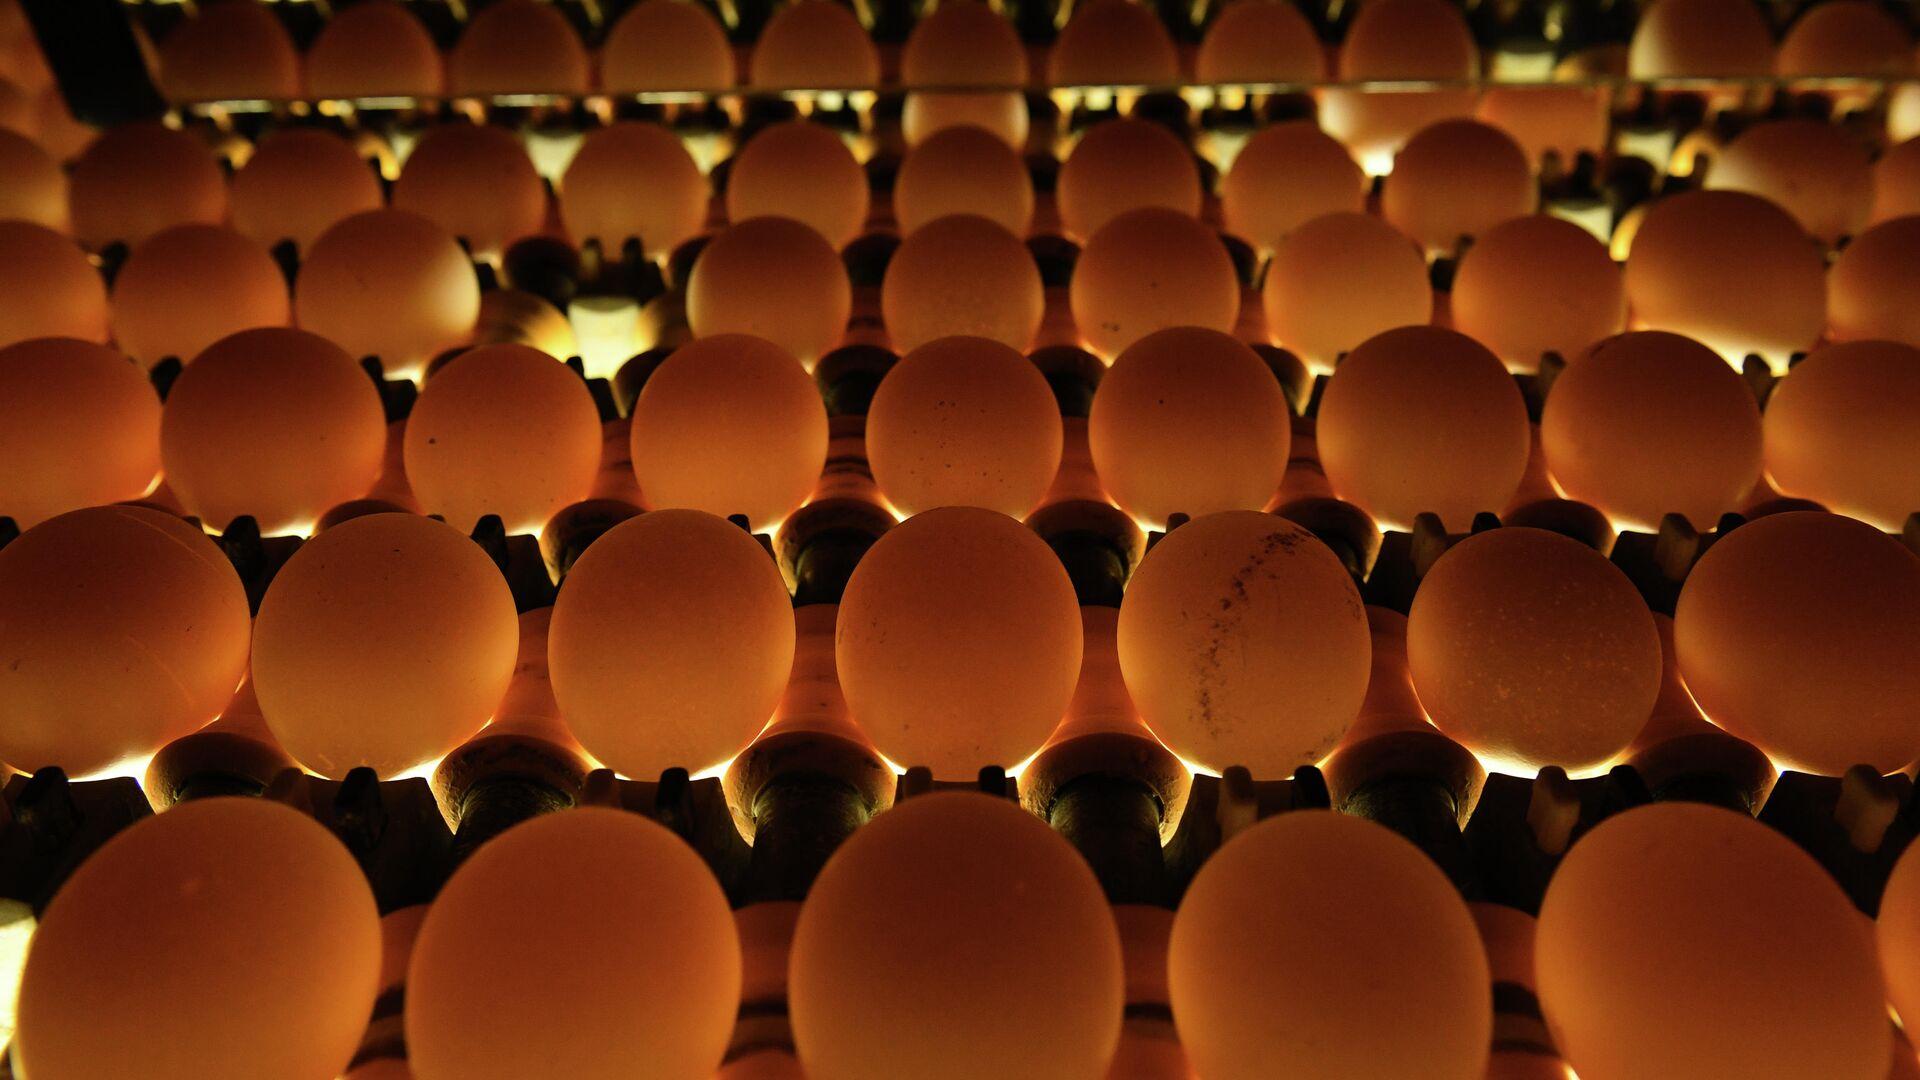 Проверка качества яиц на овоскопе на участке сортировки и упаковки на птицефабрике Ново-Барышевская в Новосибирской области - РИА Новости, 1920, 25.09.2020